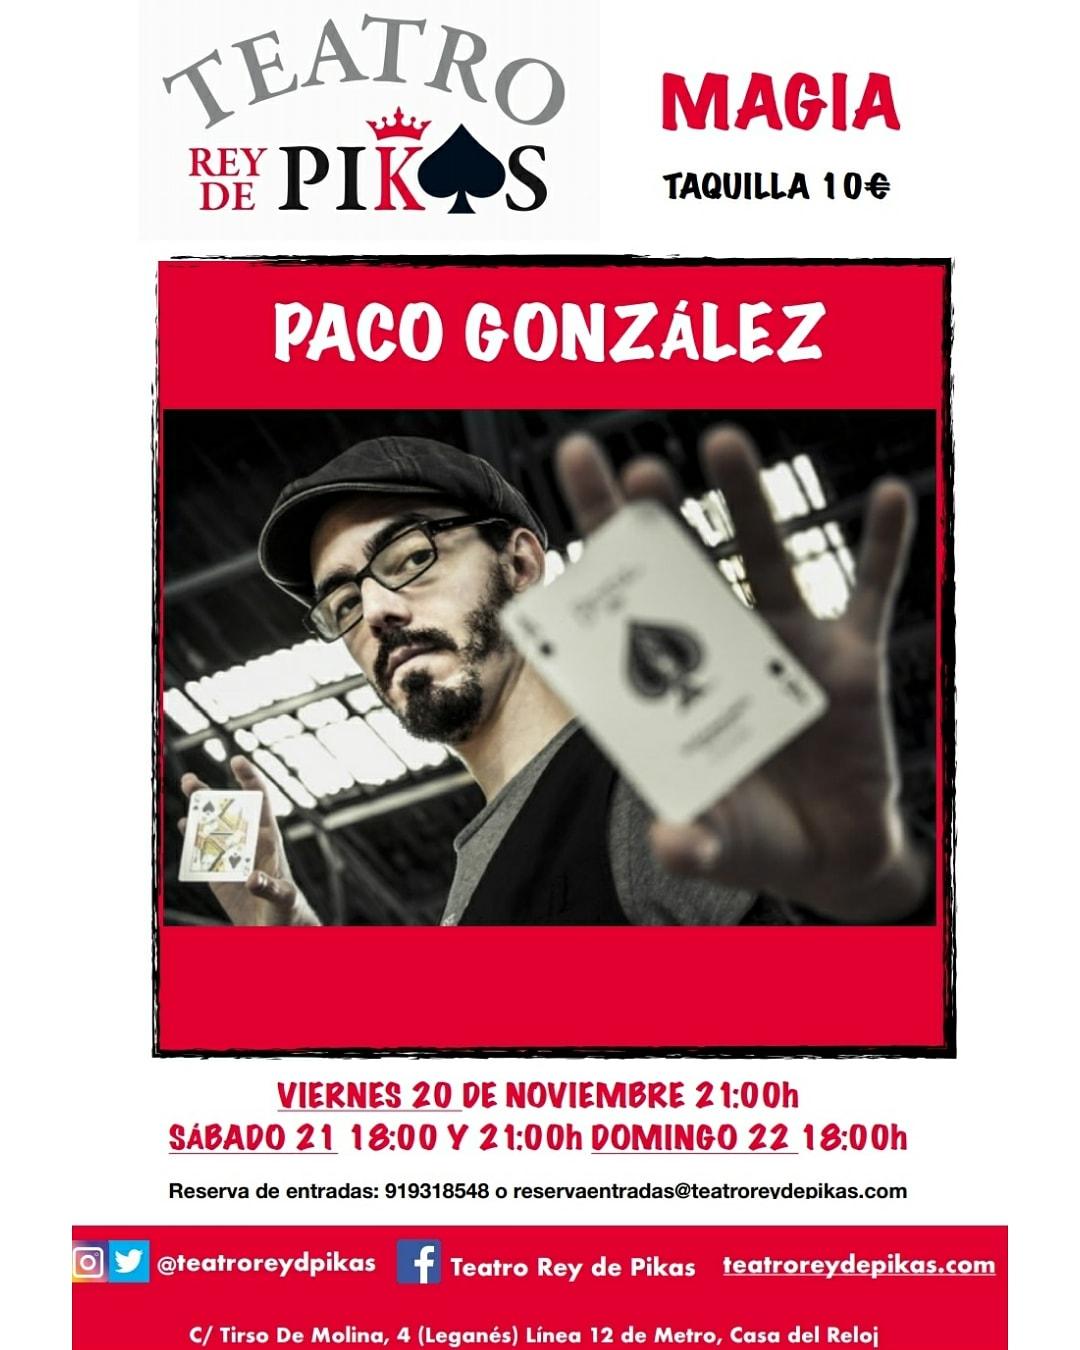 Magia con Paco González en el Teatro Rey de Pikas